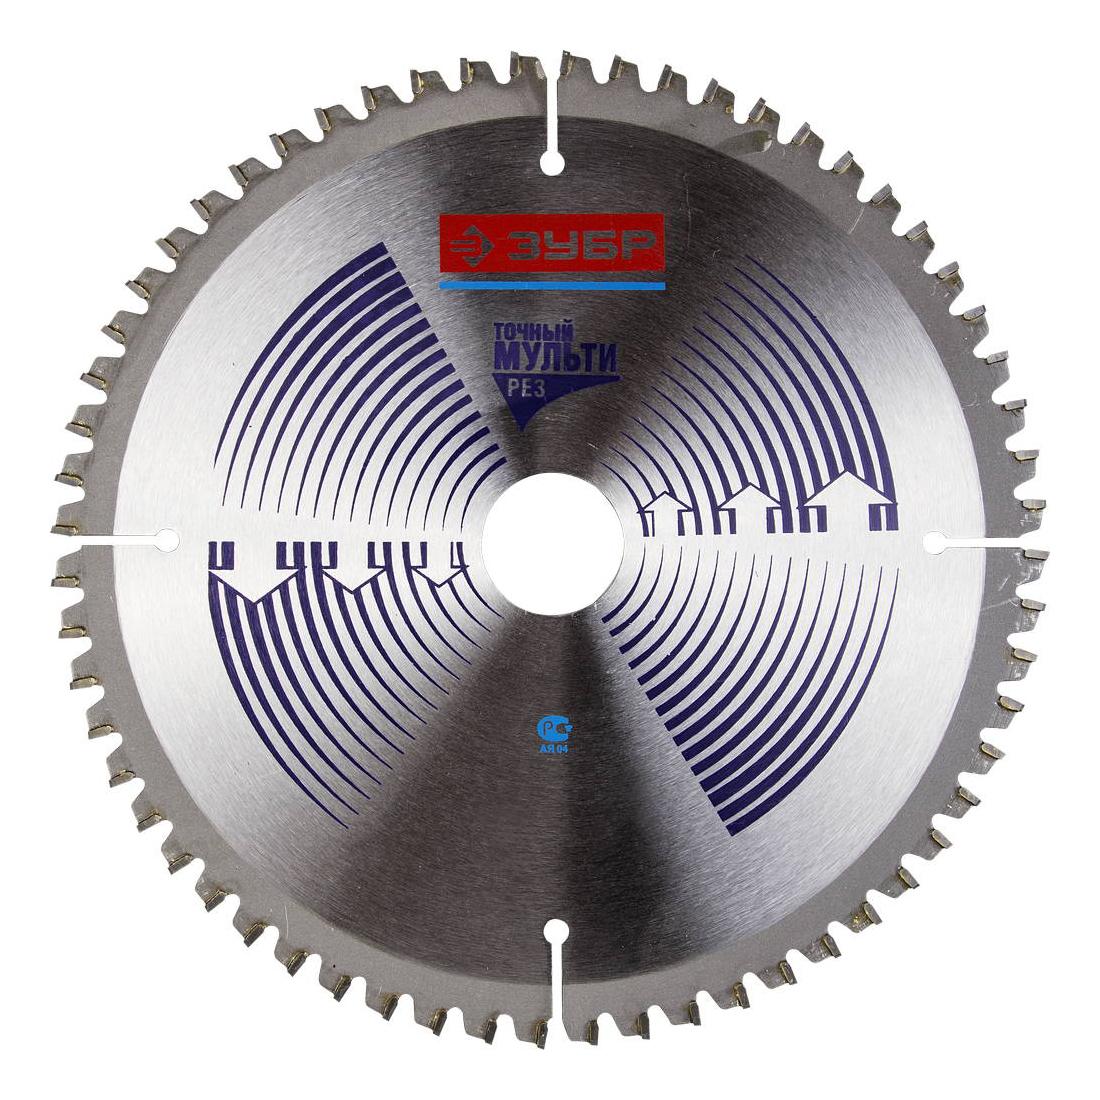 Диск по алюминию для дисковых пил Зубр 36907-210-30-60